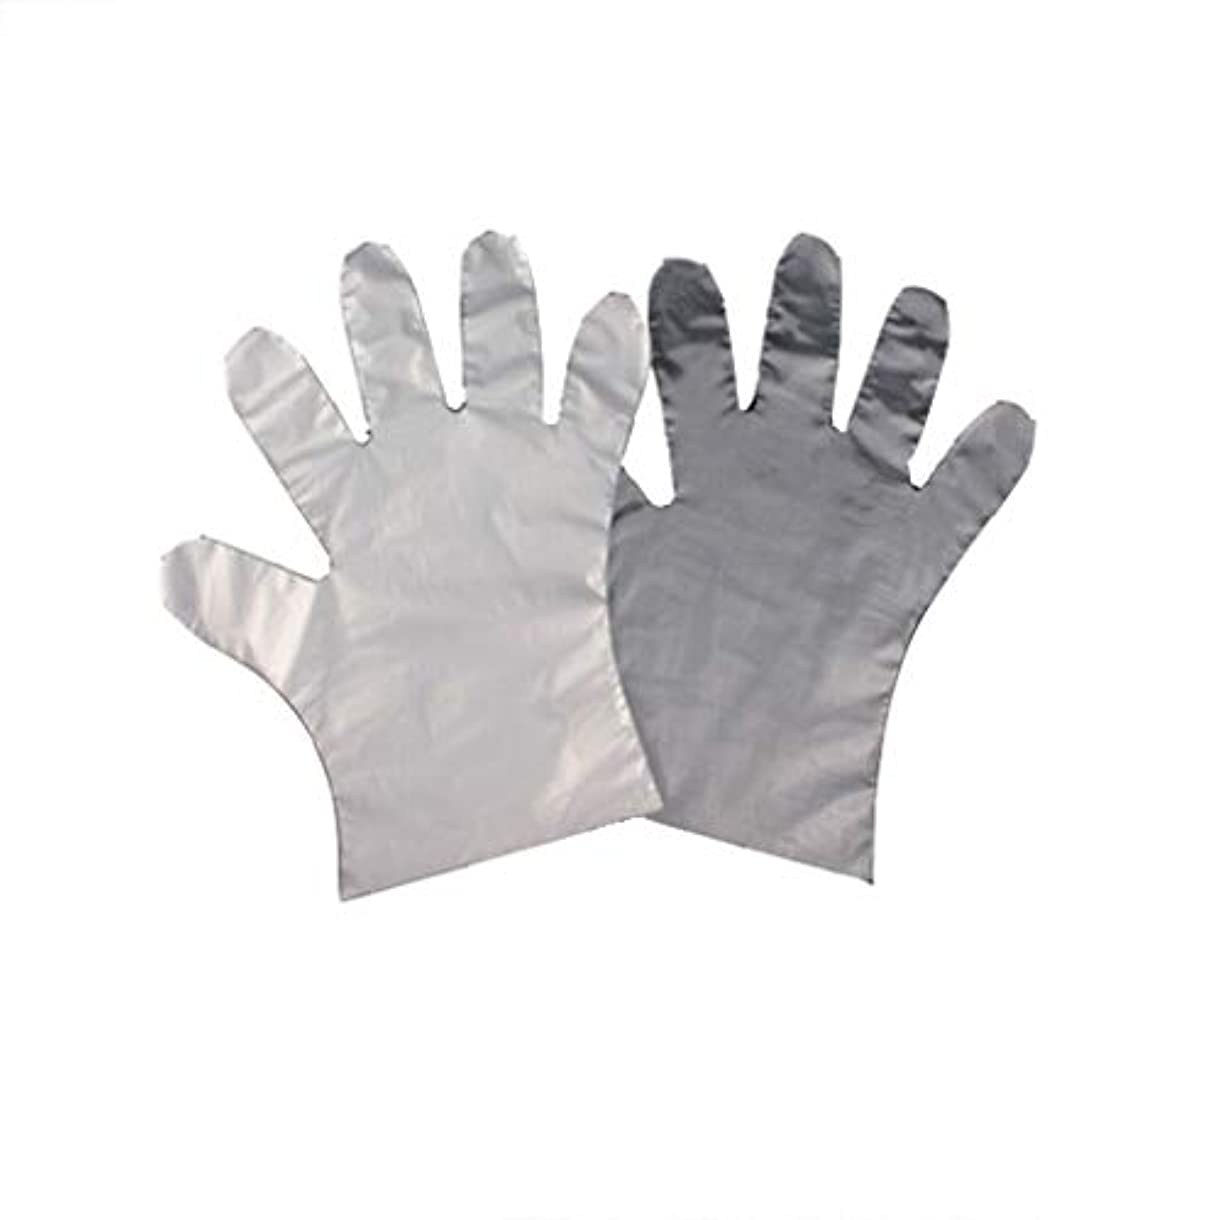 授業料遺伝子与える手袋、使い捨てPE手袋、食品の肥厚、透明な2つのオープンポケット-600のみ。